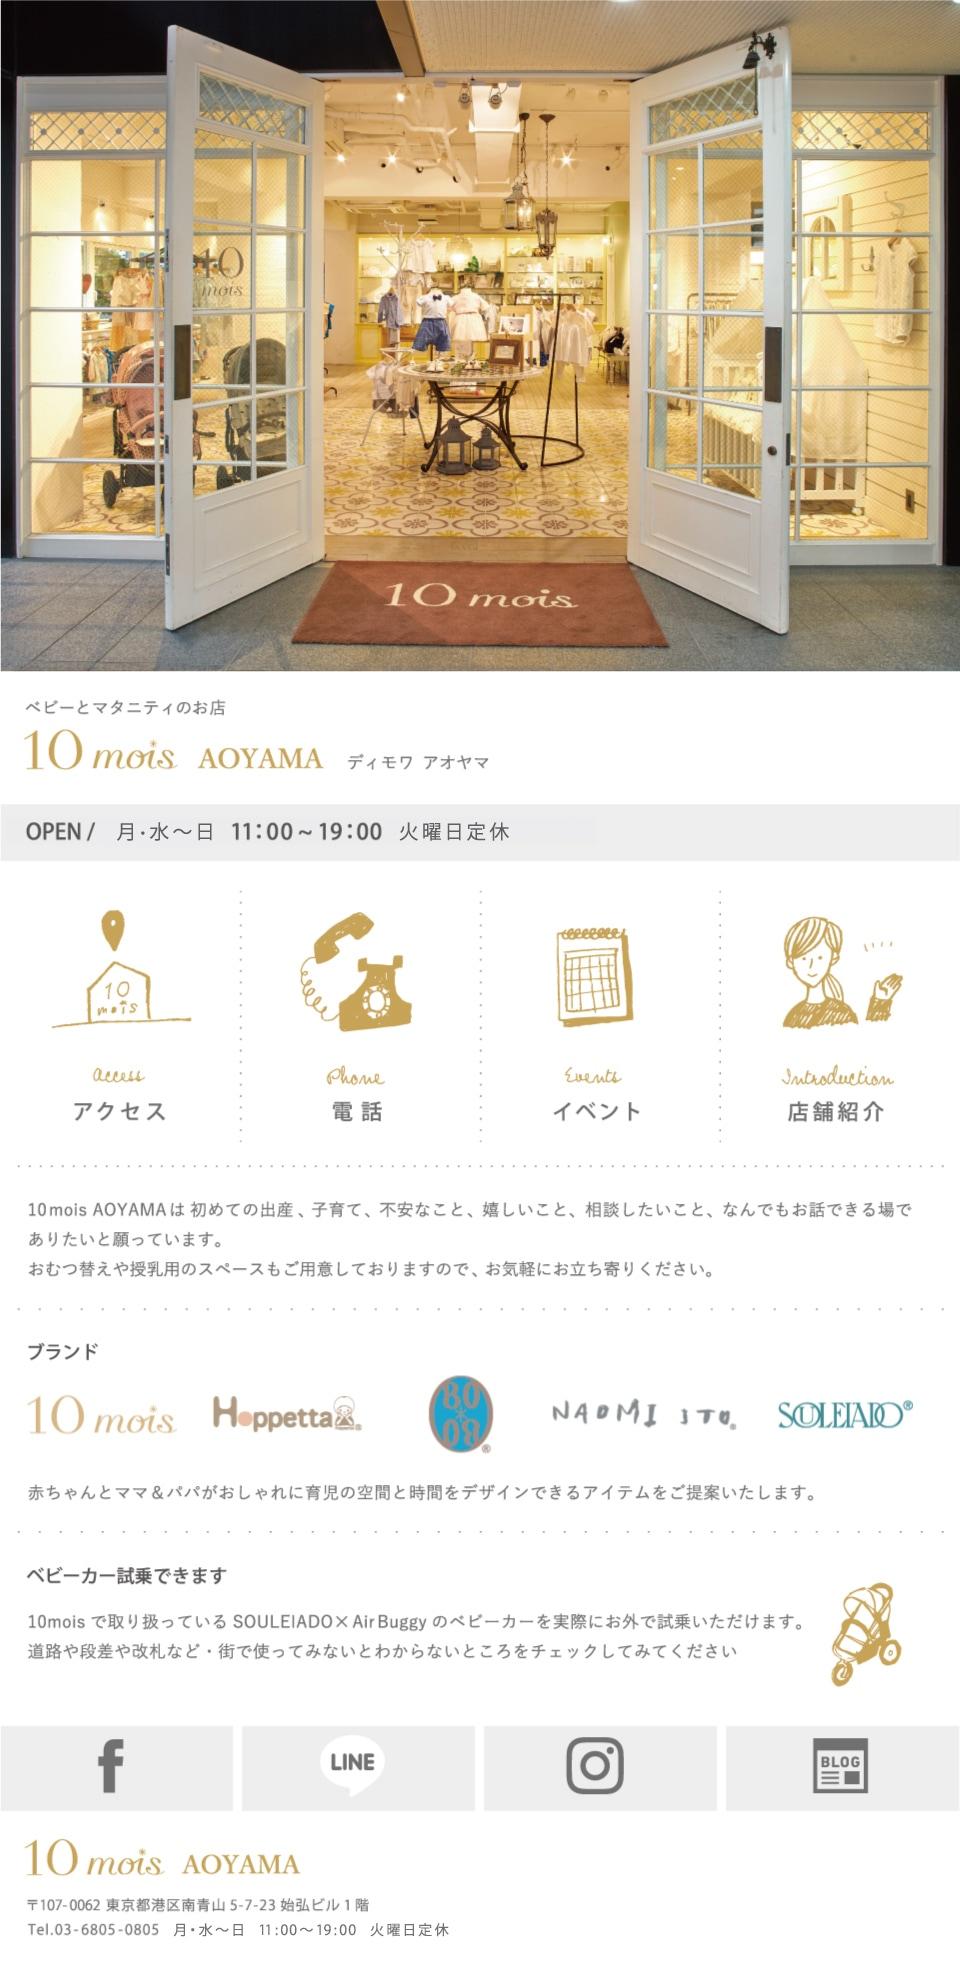 10mois aoyama ディモワアオヤマ